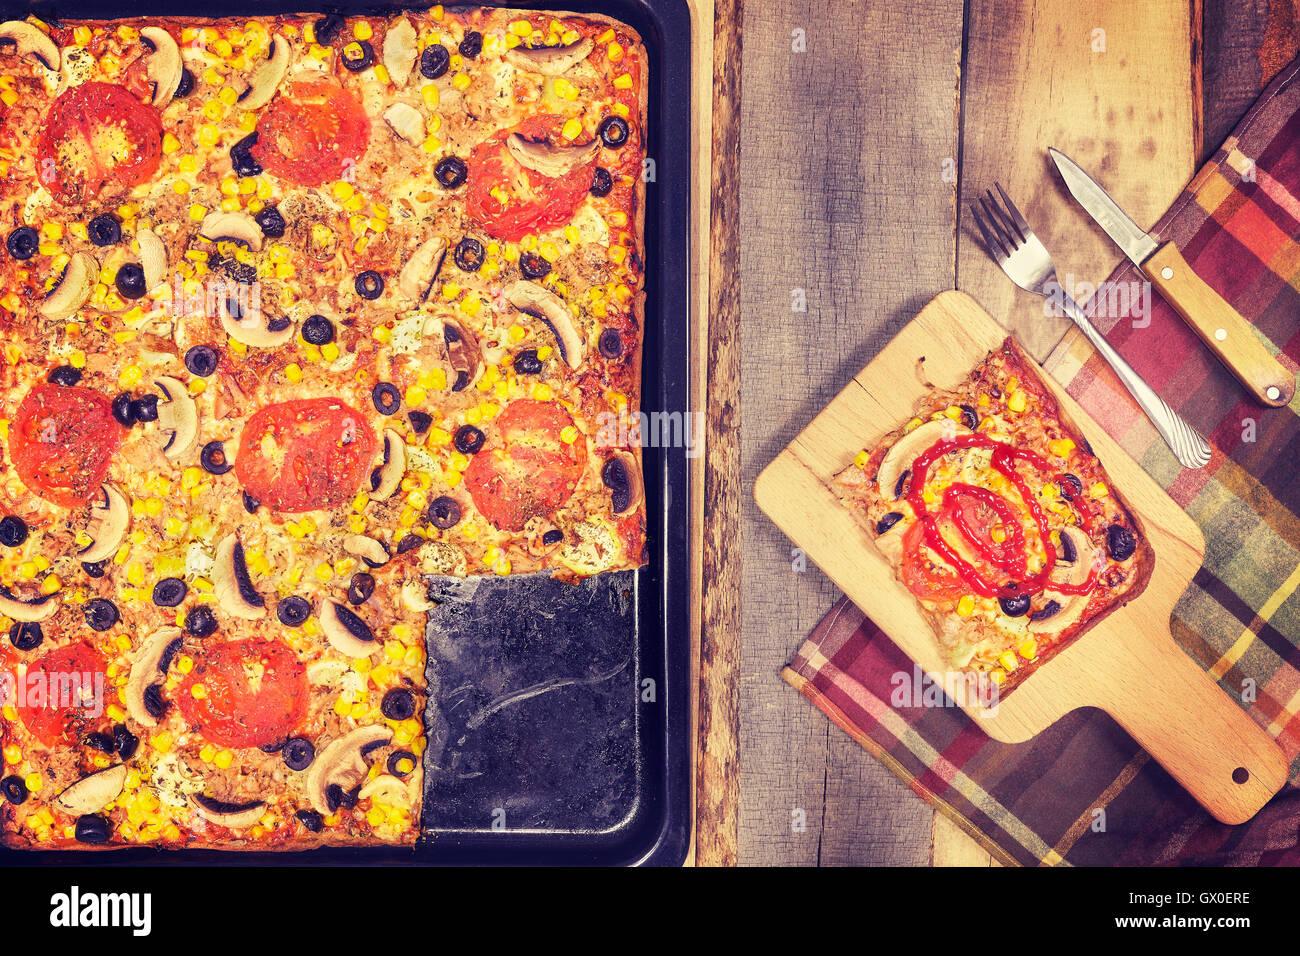 Vintage getönten hausgemachte Thunfisch Pizza mit Tomaten, Oliven, Zwiebeln und Mais auf hölzernen Hintergrund, Stockbild